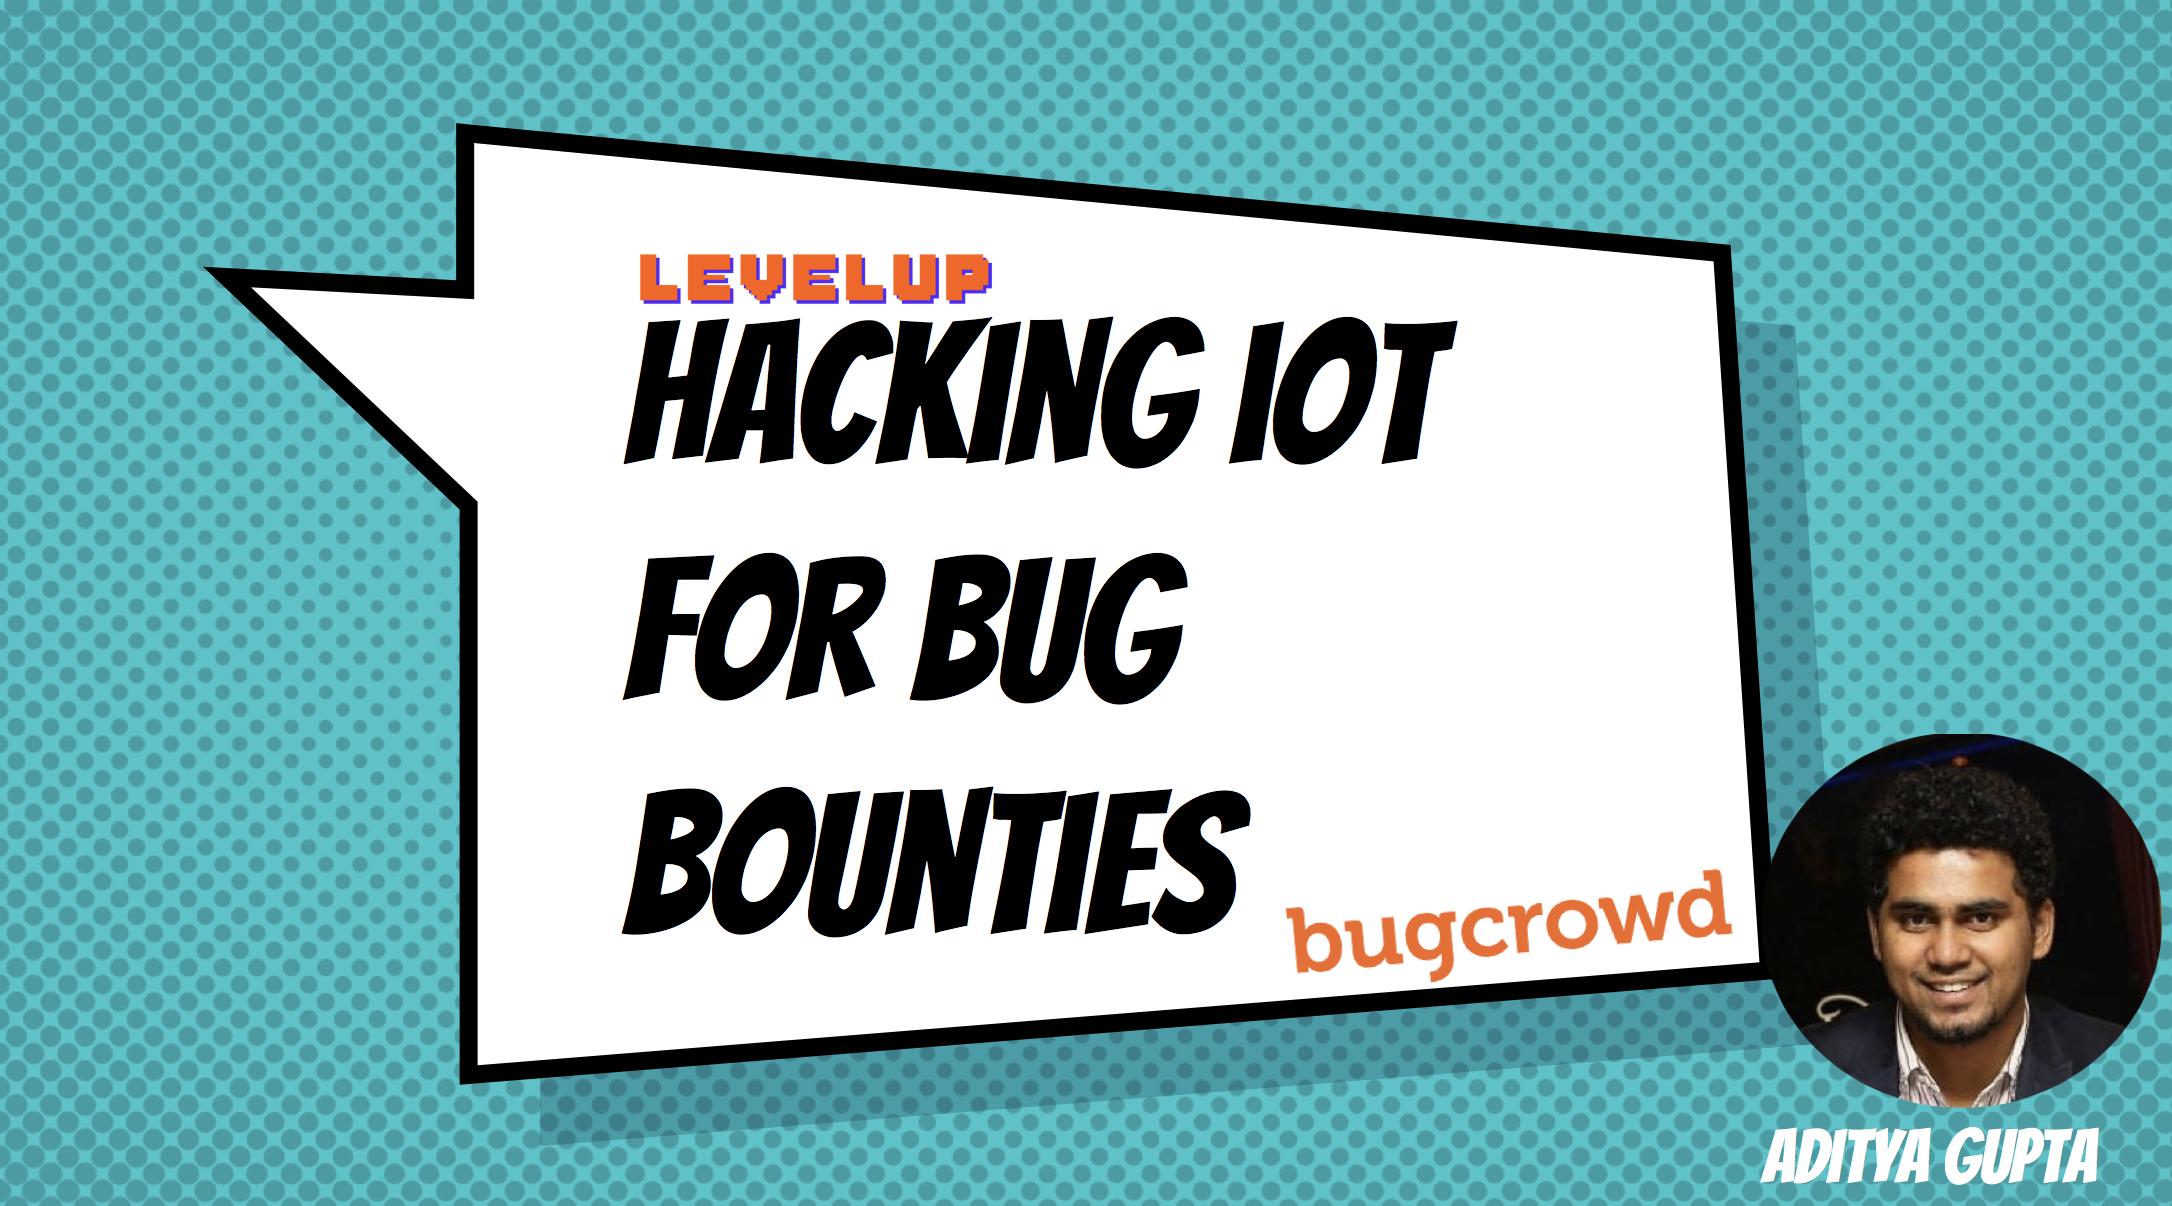 Hacking IoT for Bug Bounties by Aditya Gupta